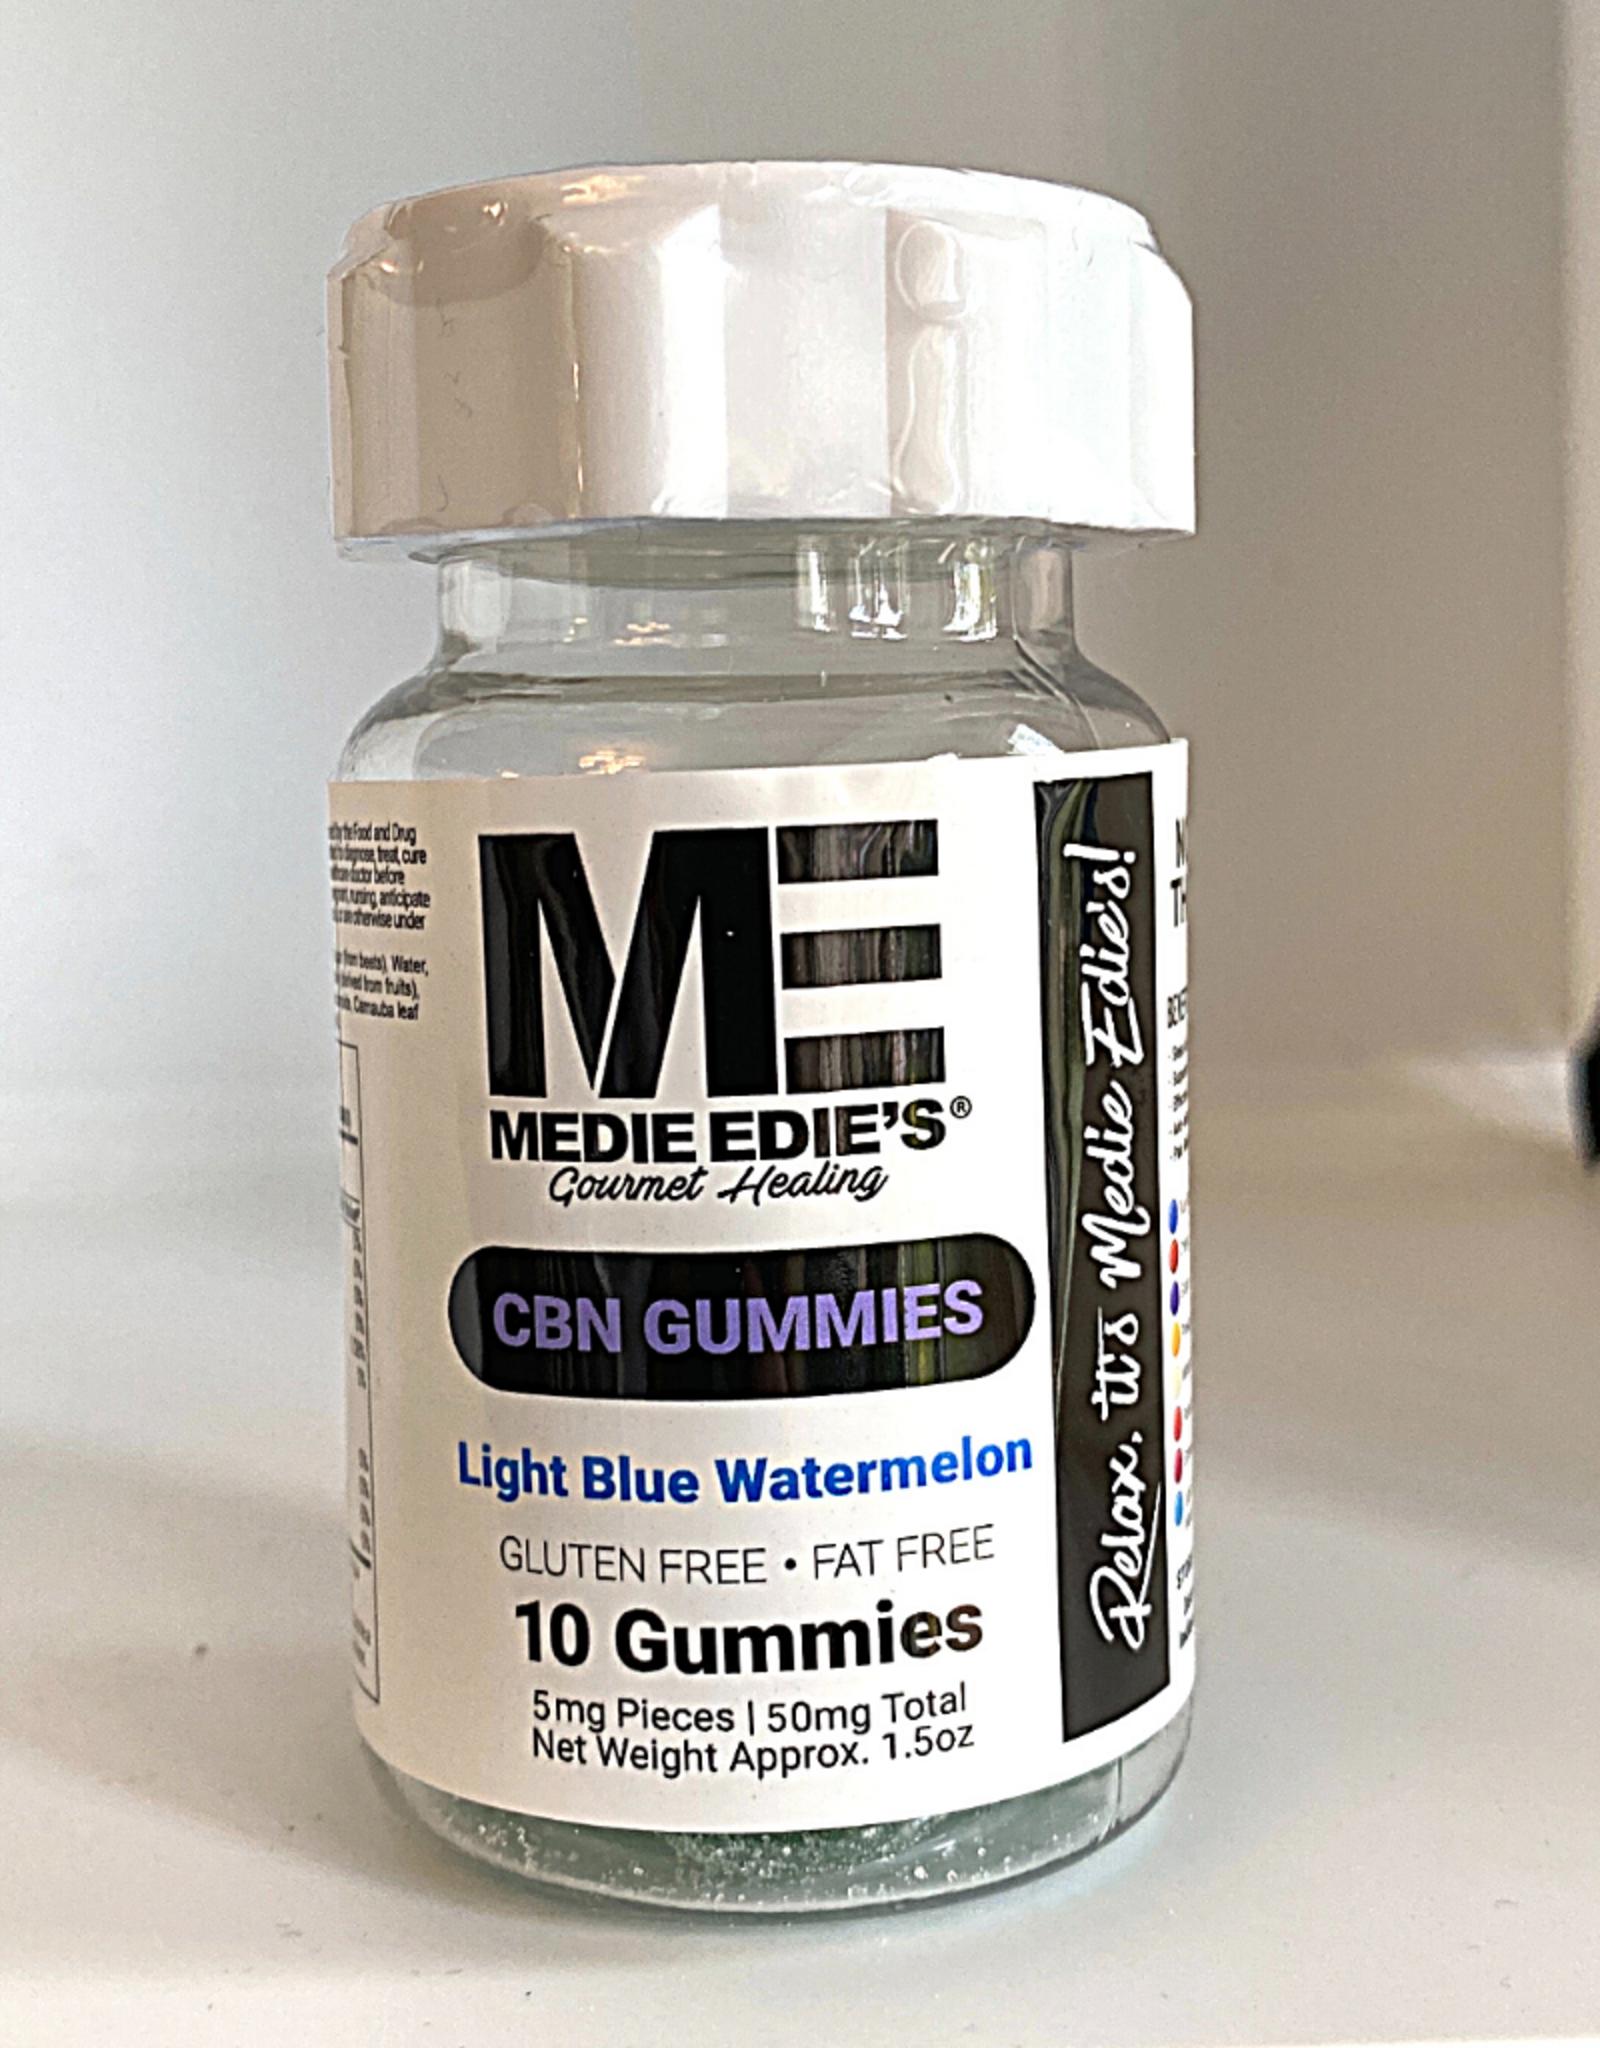 Medie Edie's Medie Edie's 10ct CBN Gummies Light Blue Watermelon -5mg.50mg